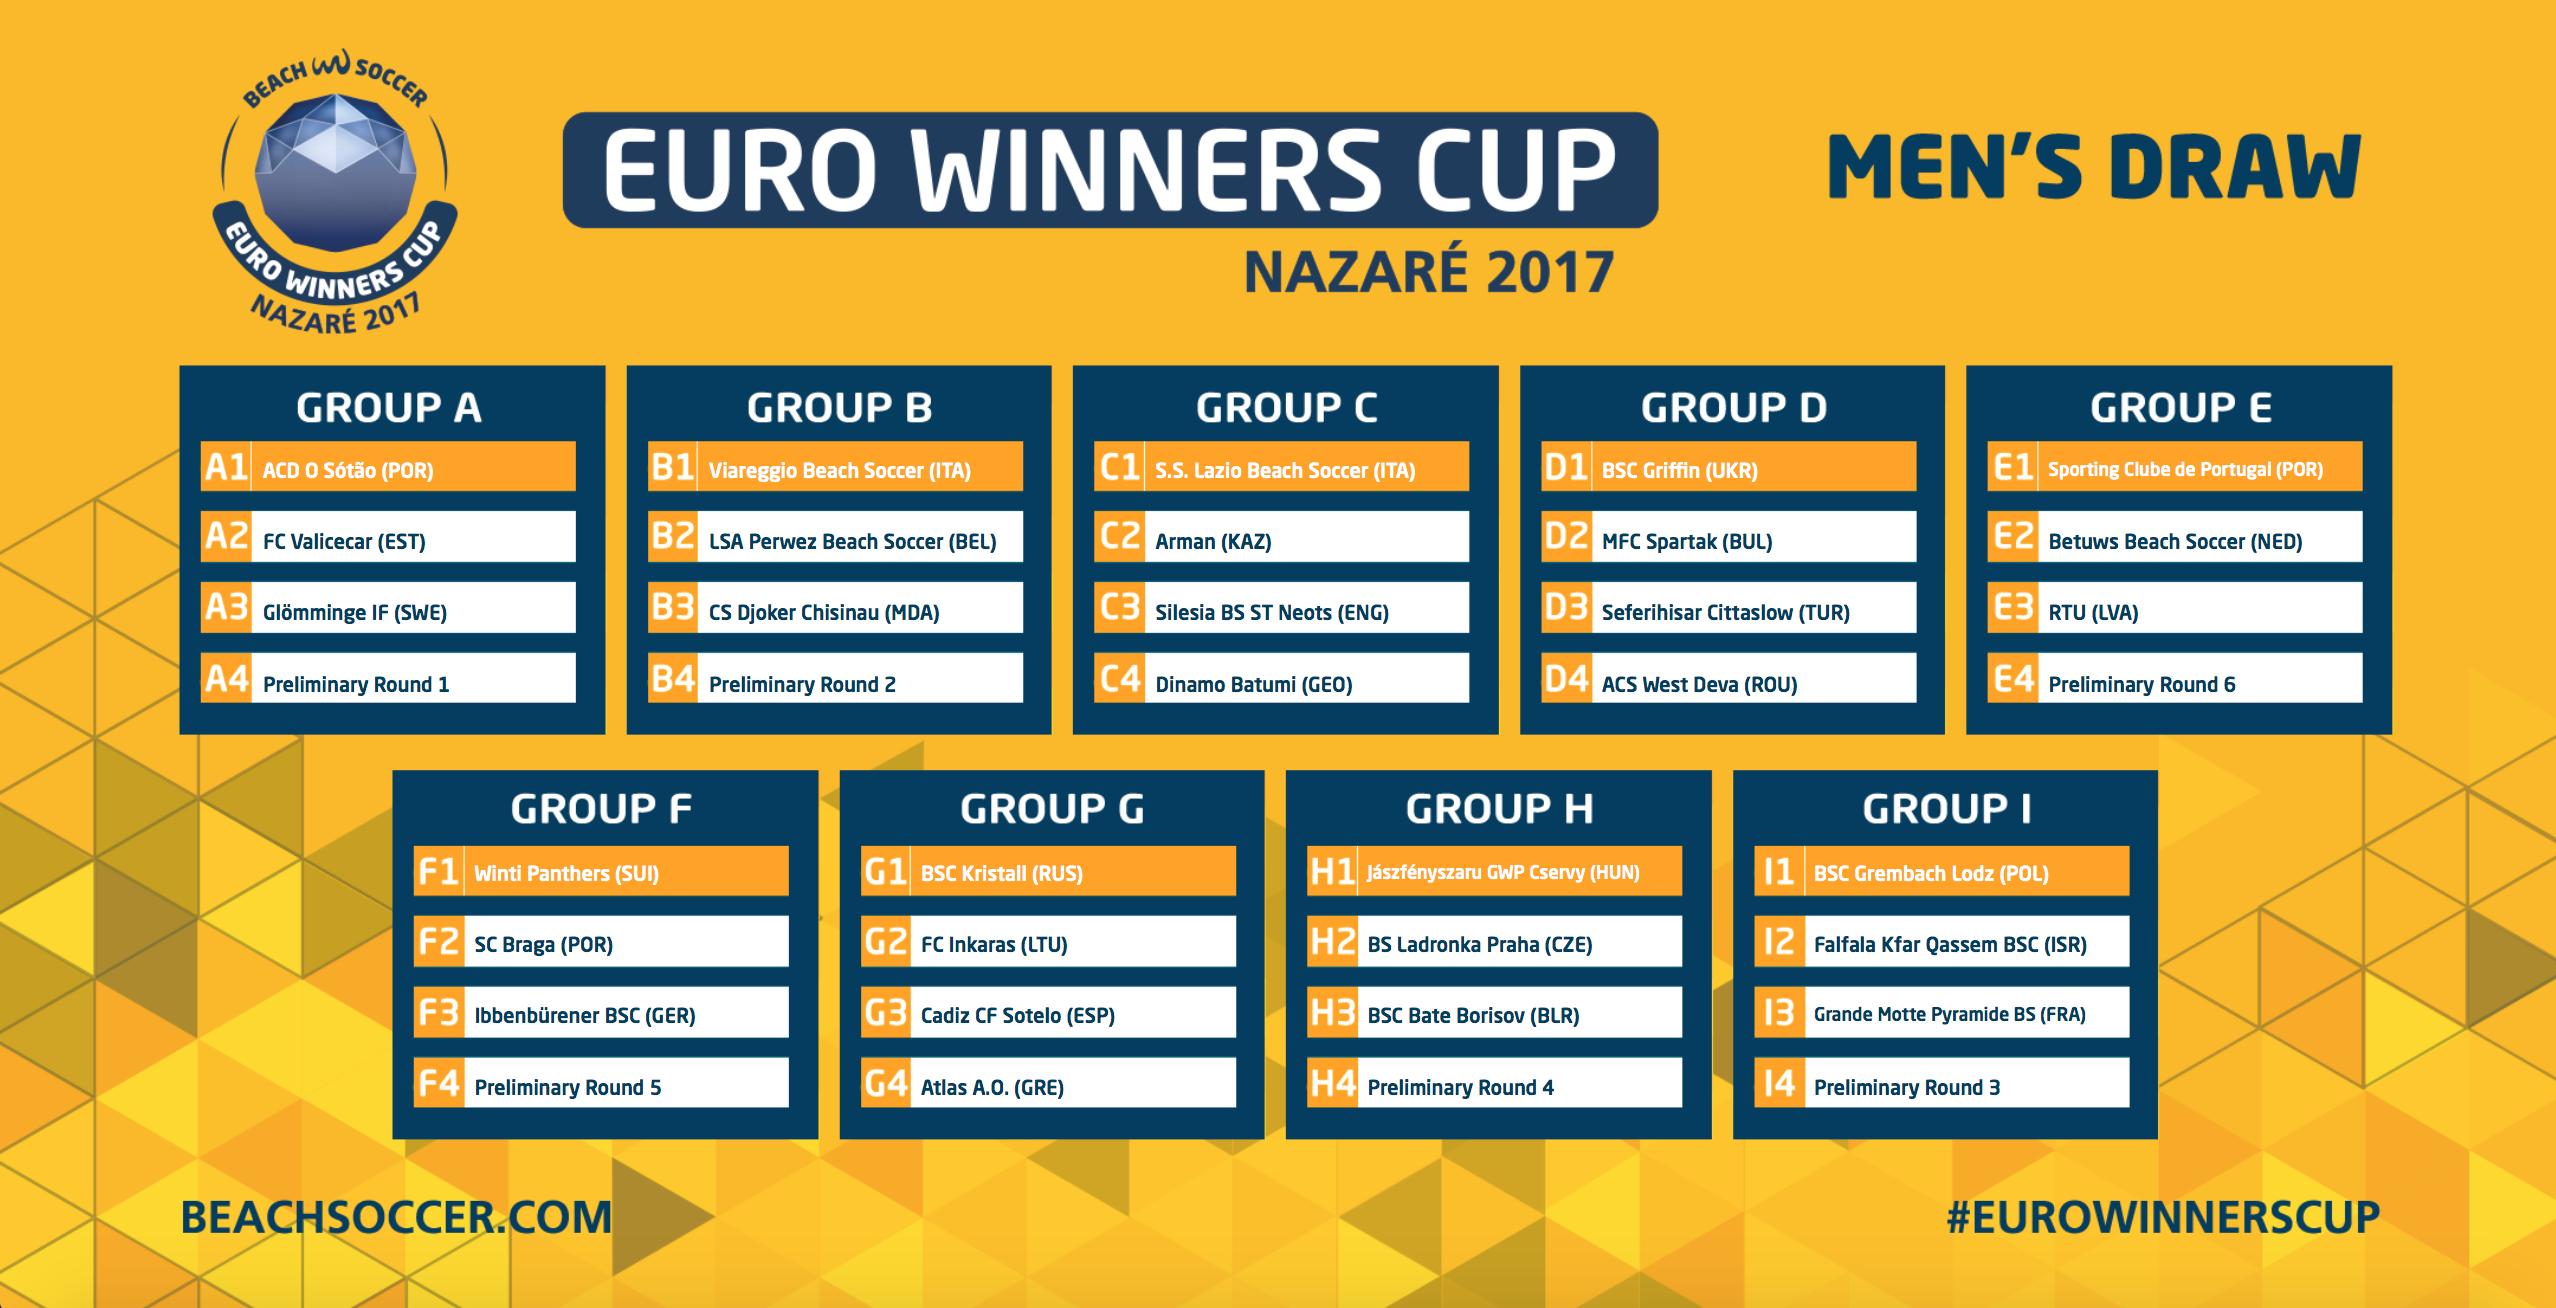 Павлодарский «Арман» сыграет с «Лацио» в Кубке европейских чемпионов